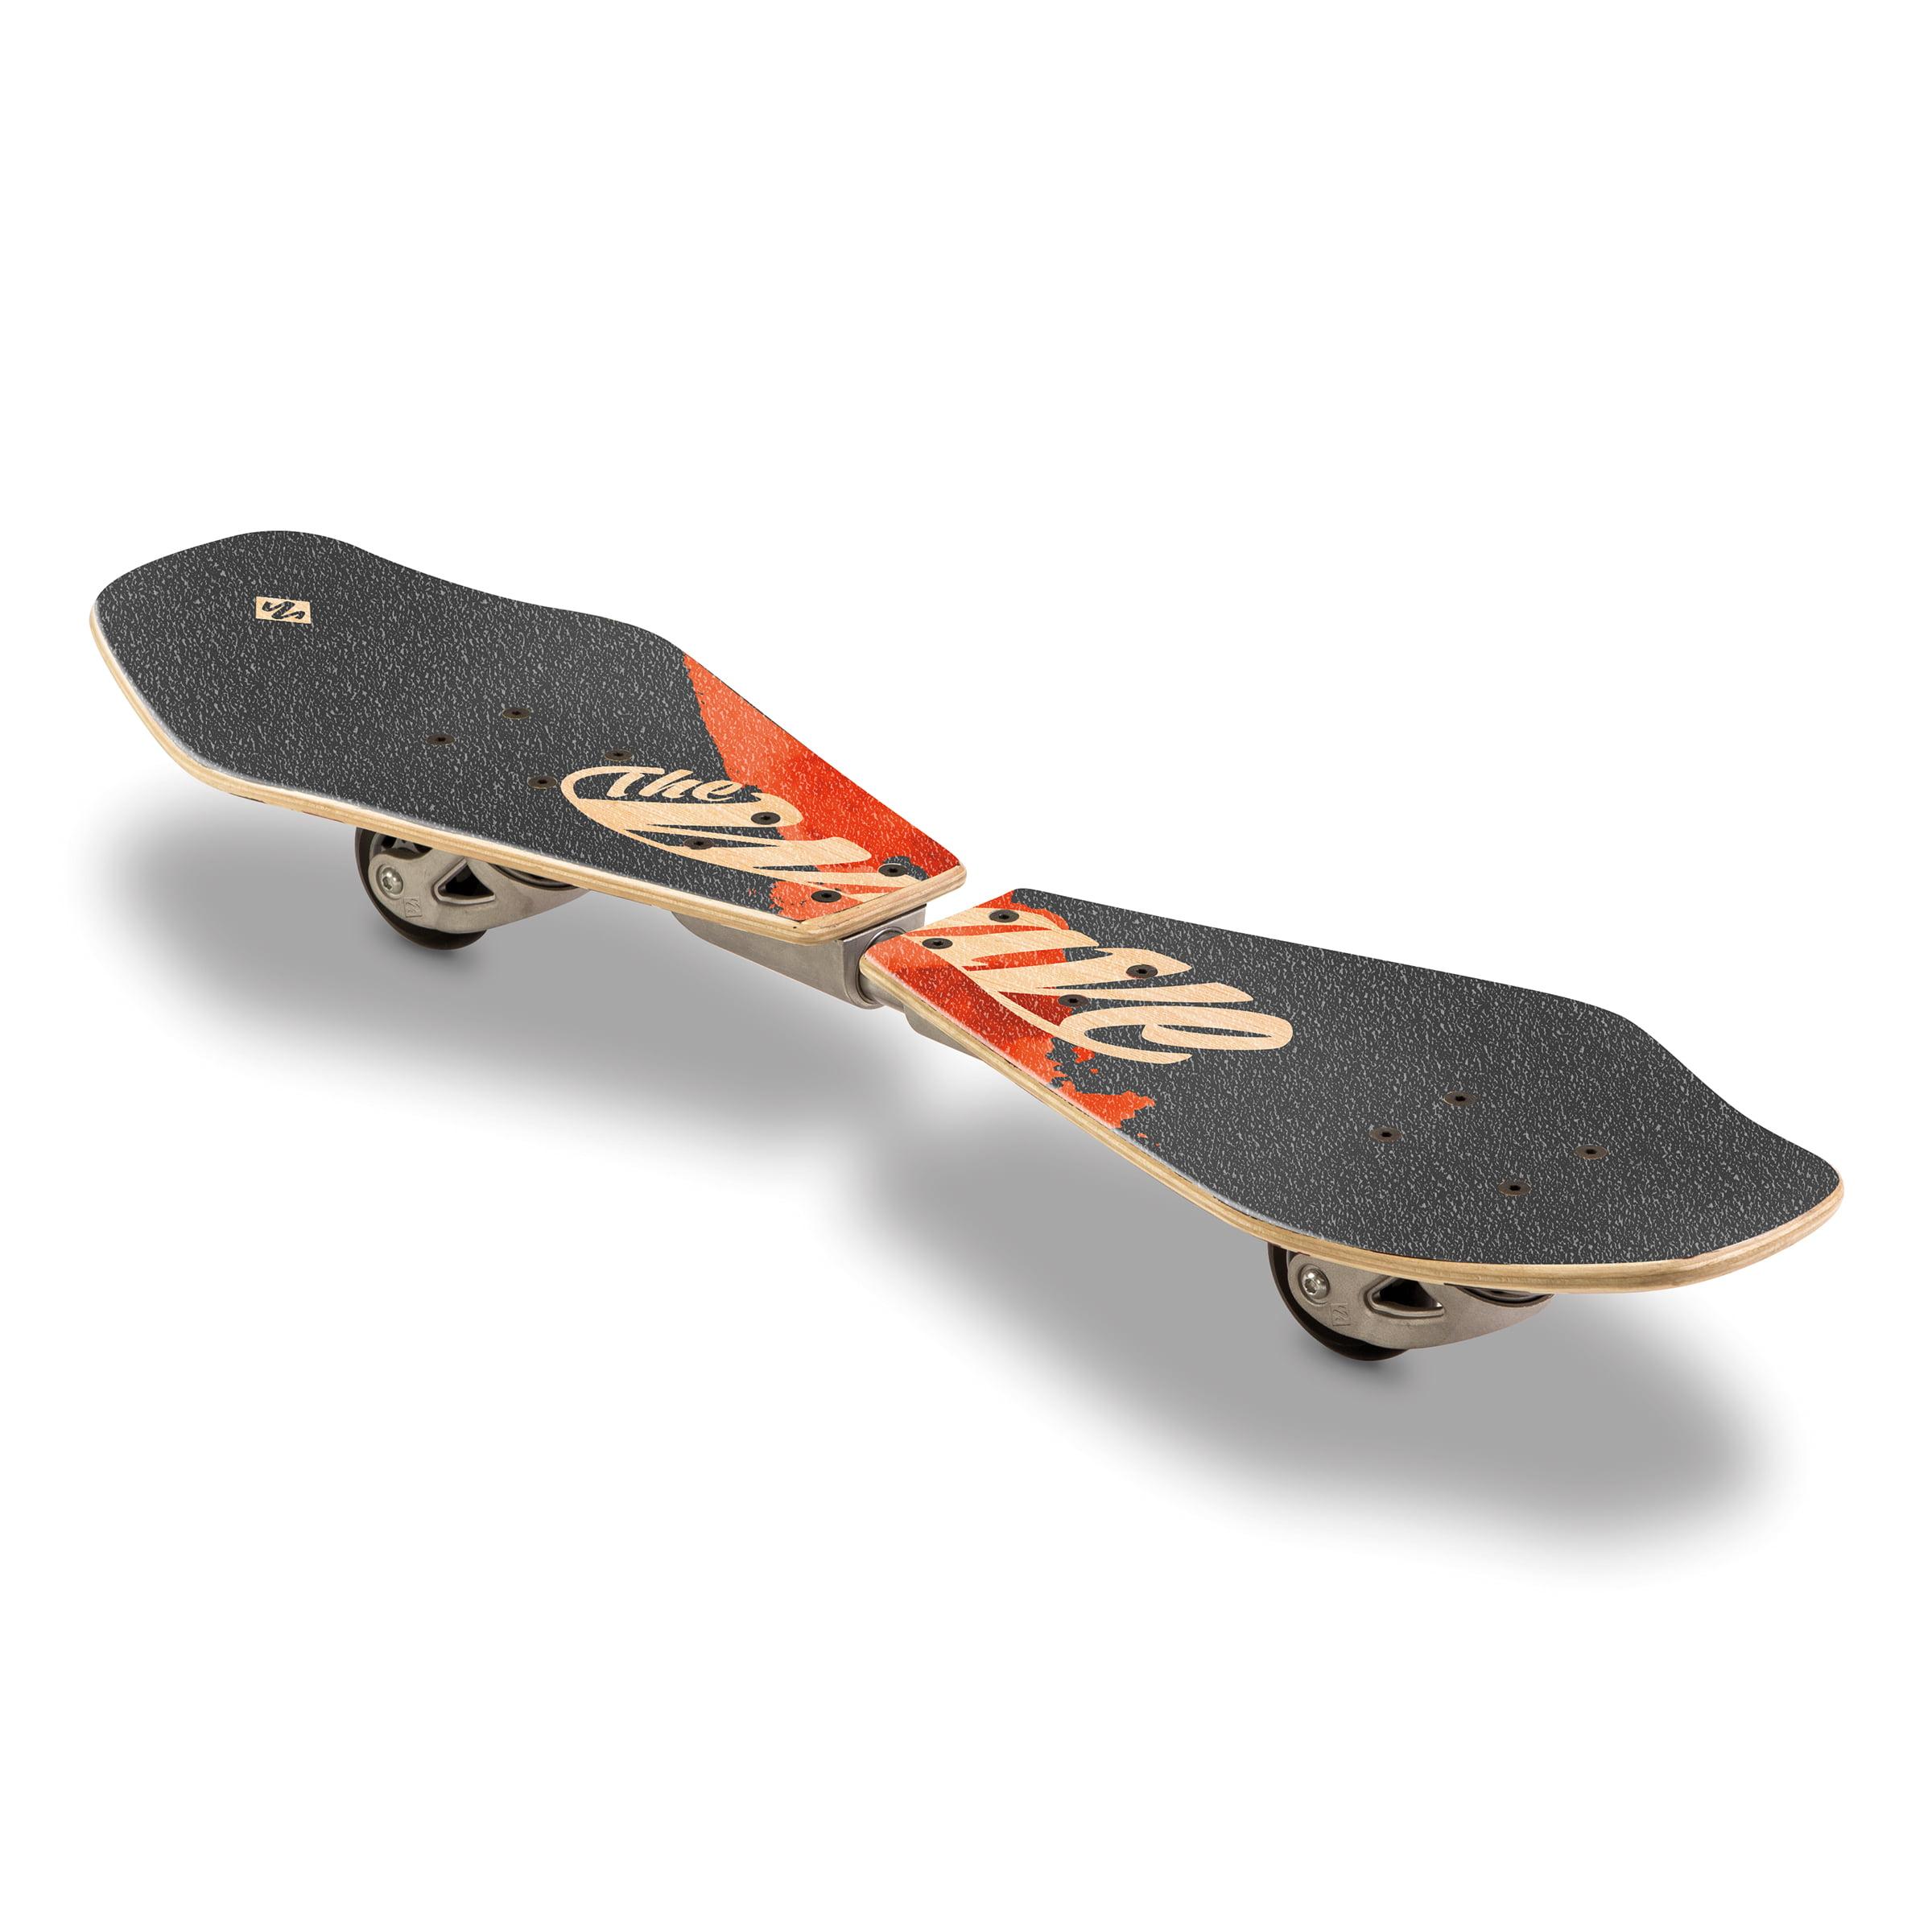 Street Surfing The Wave Rider Waveboard Unisex Erwachsene Signature